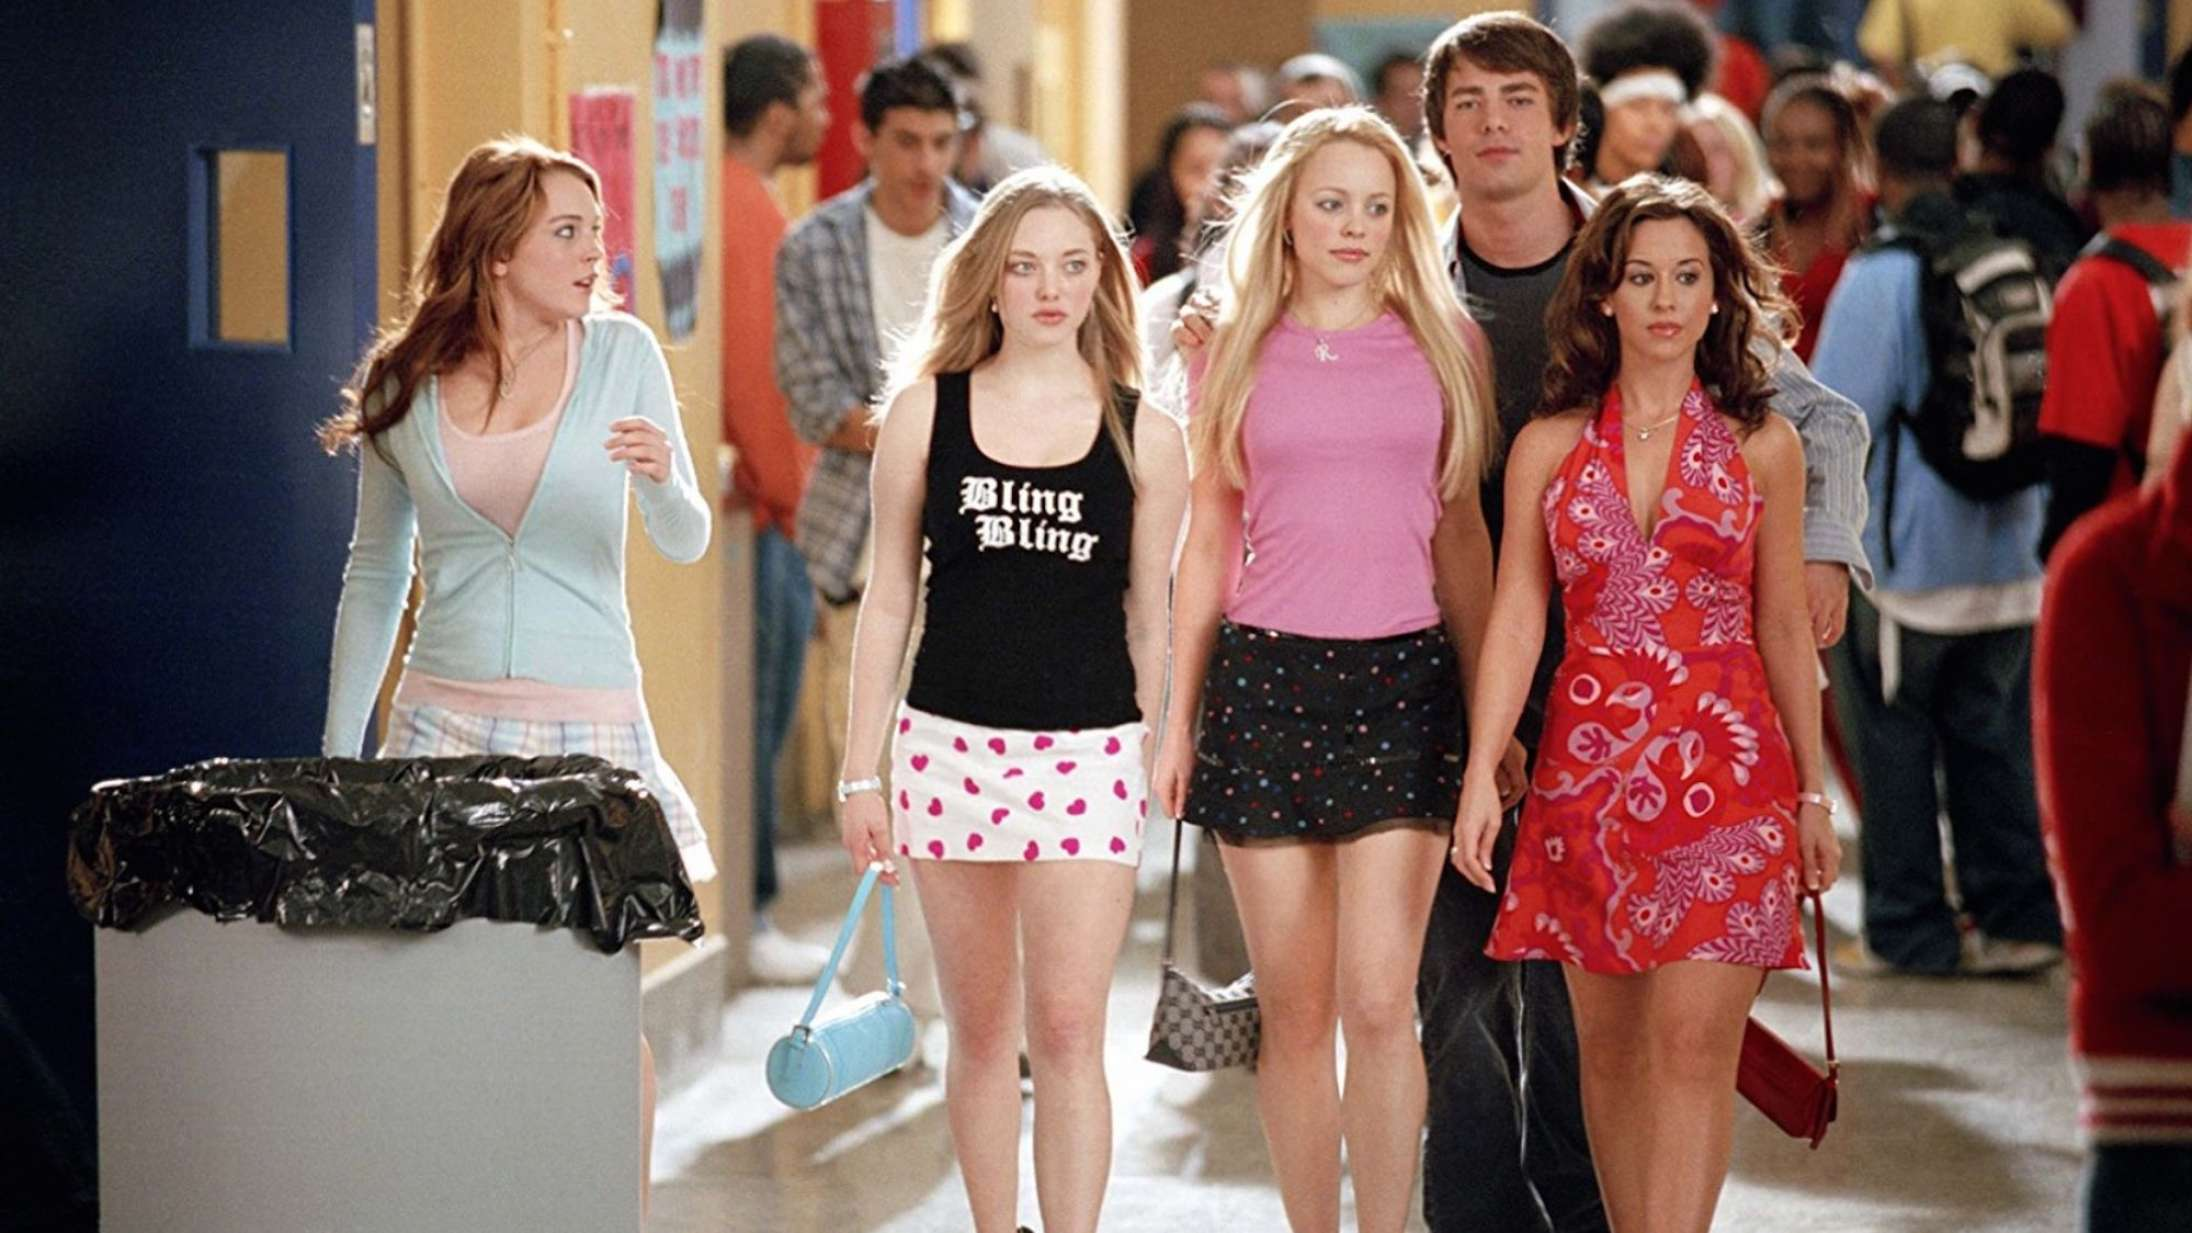 Gensyn med 'Mean Girls': Er det på tide at vinke farvel til fortællingen om tøsefnidder?